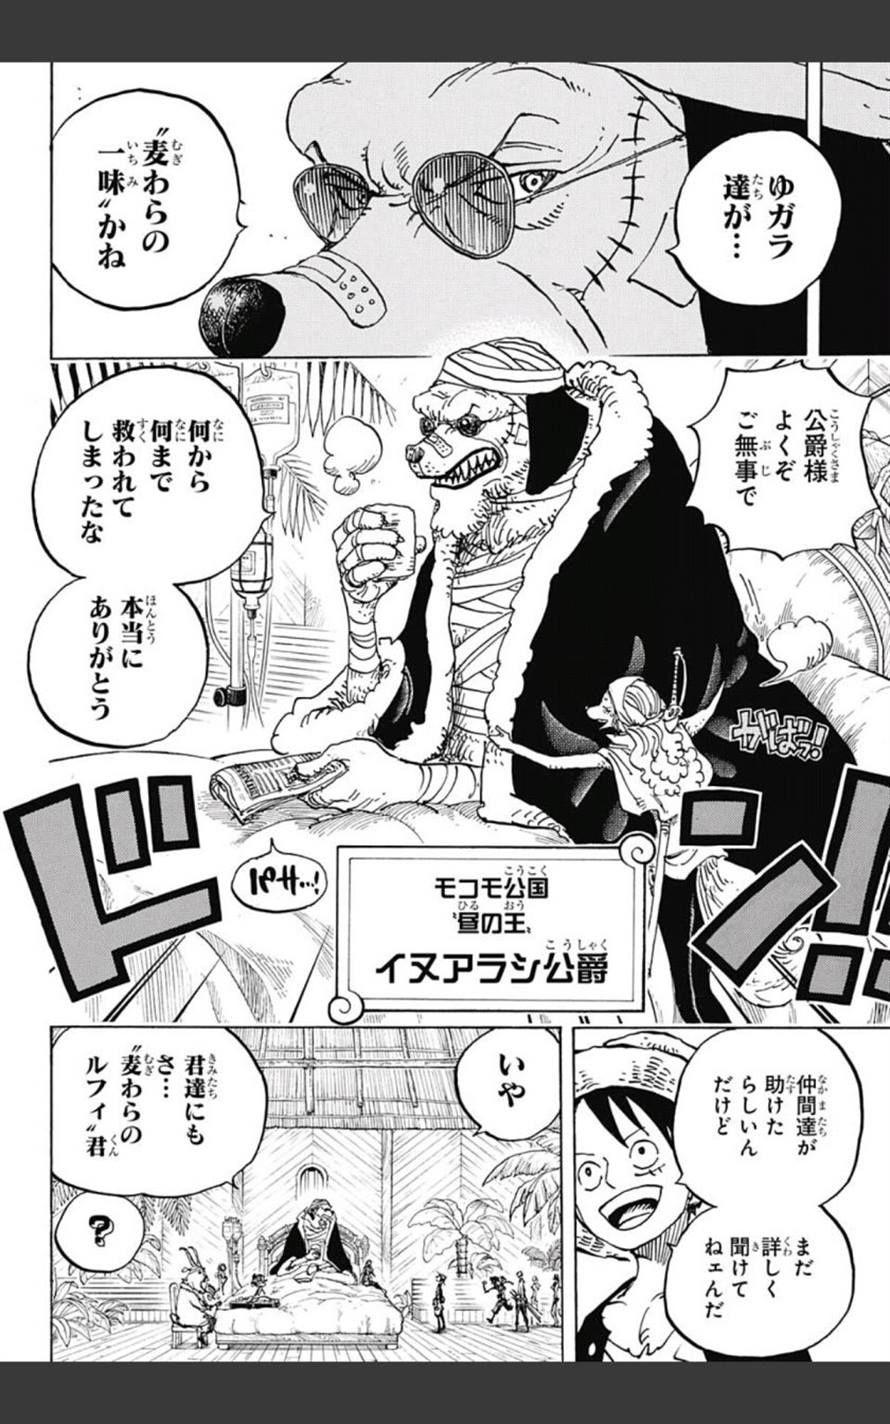 ワンピース chapter 808 page 16 one piece manga the incredibles free manga online